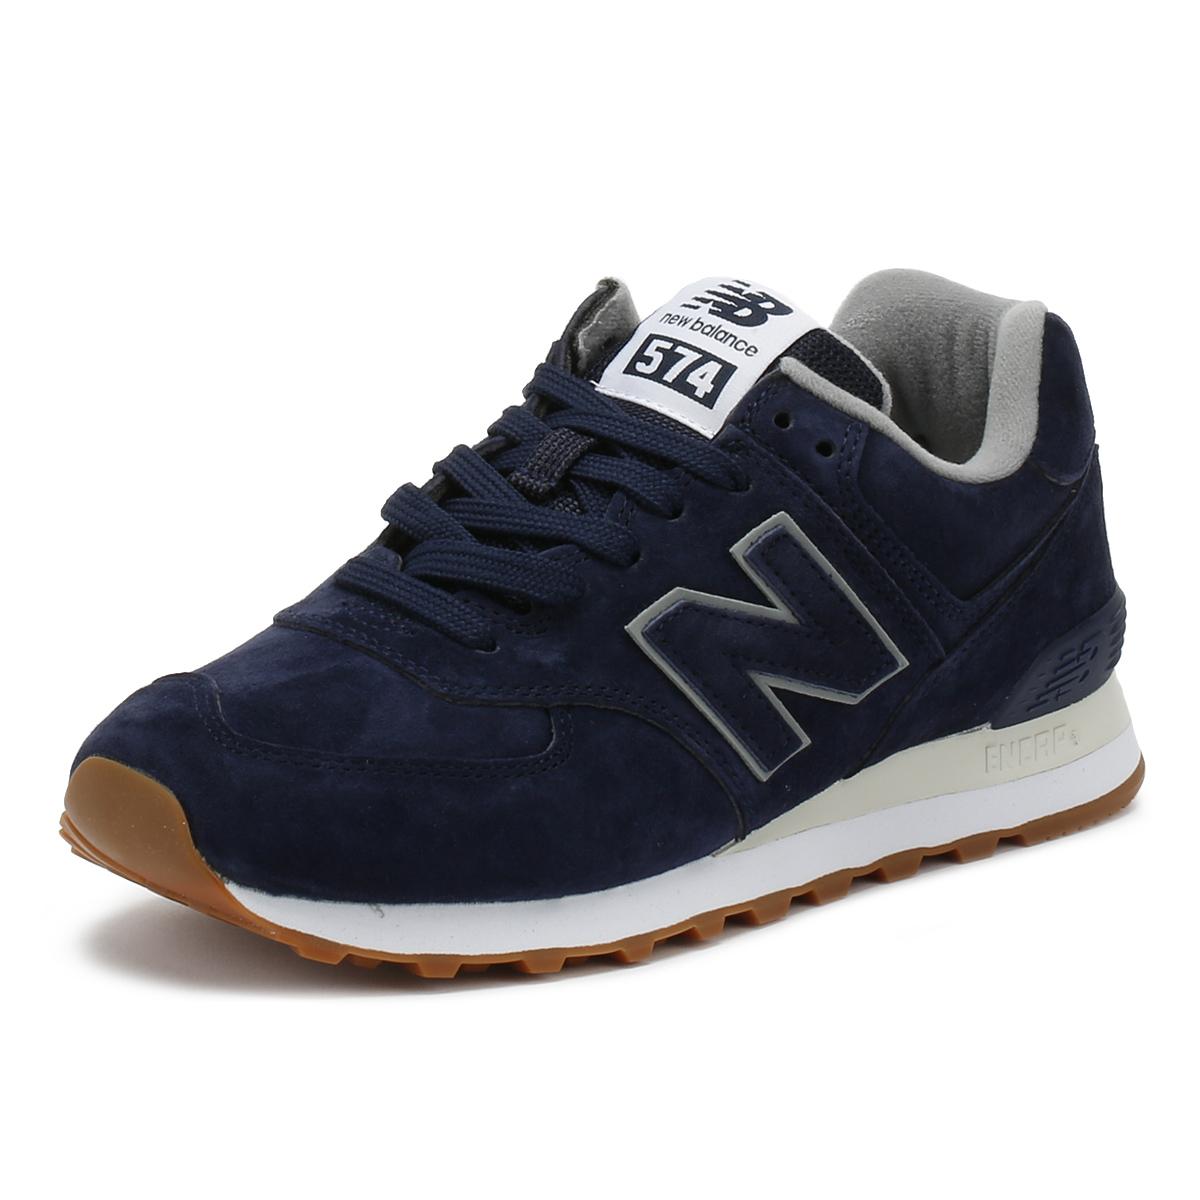 scarpe da ginnastica da uomo new balance 574